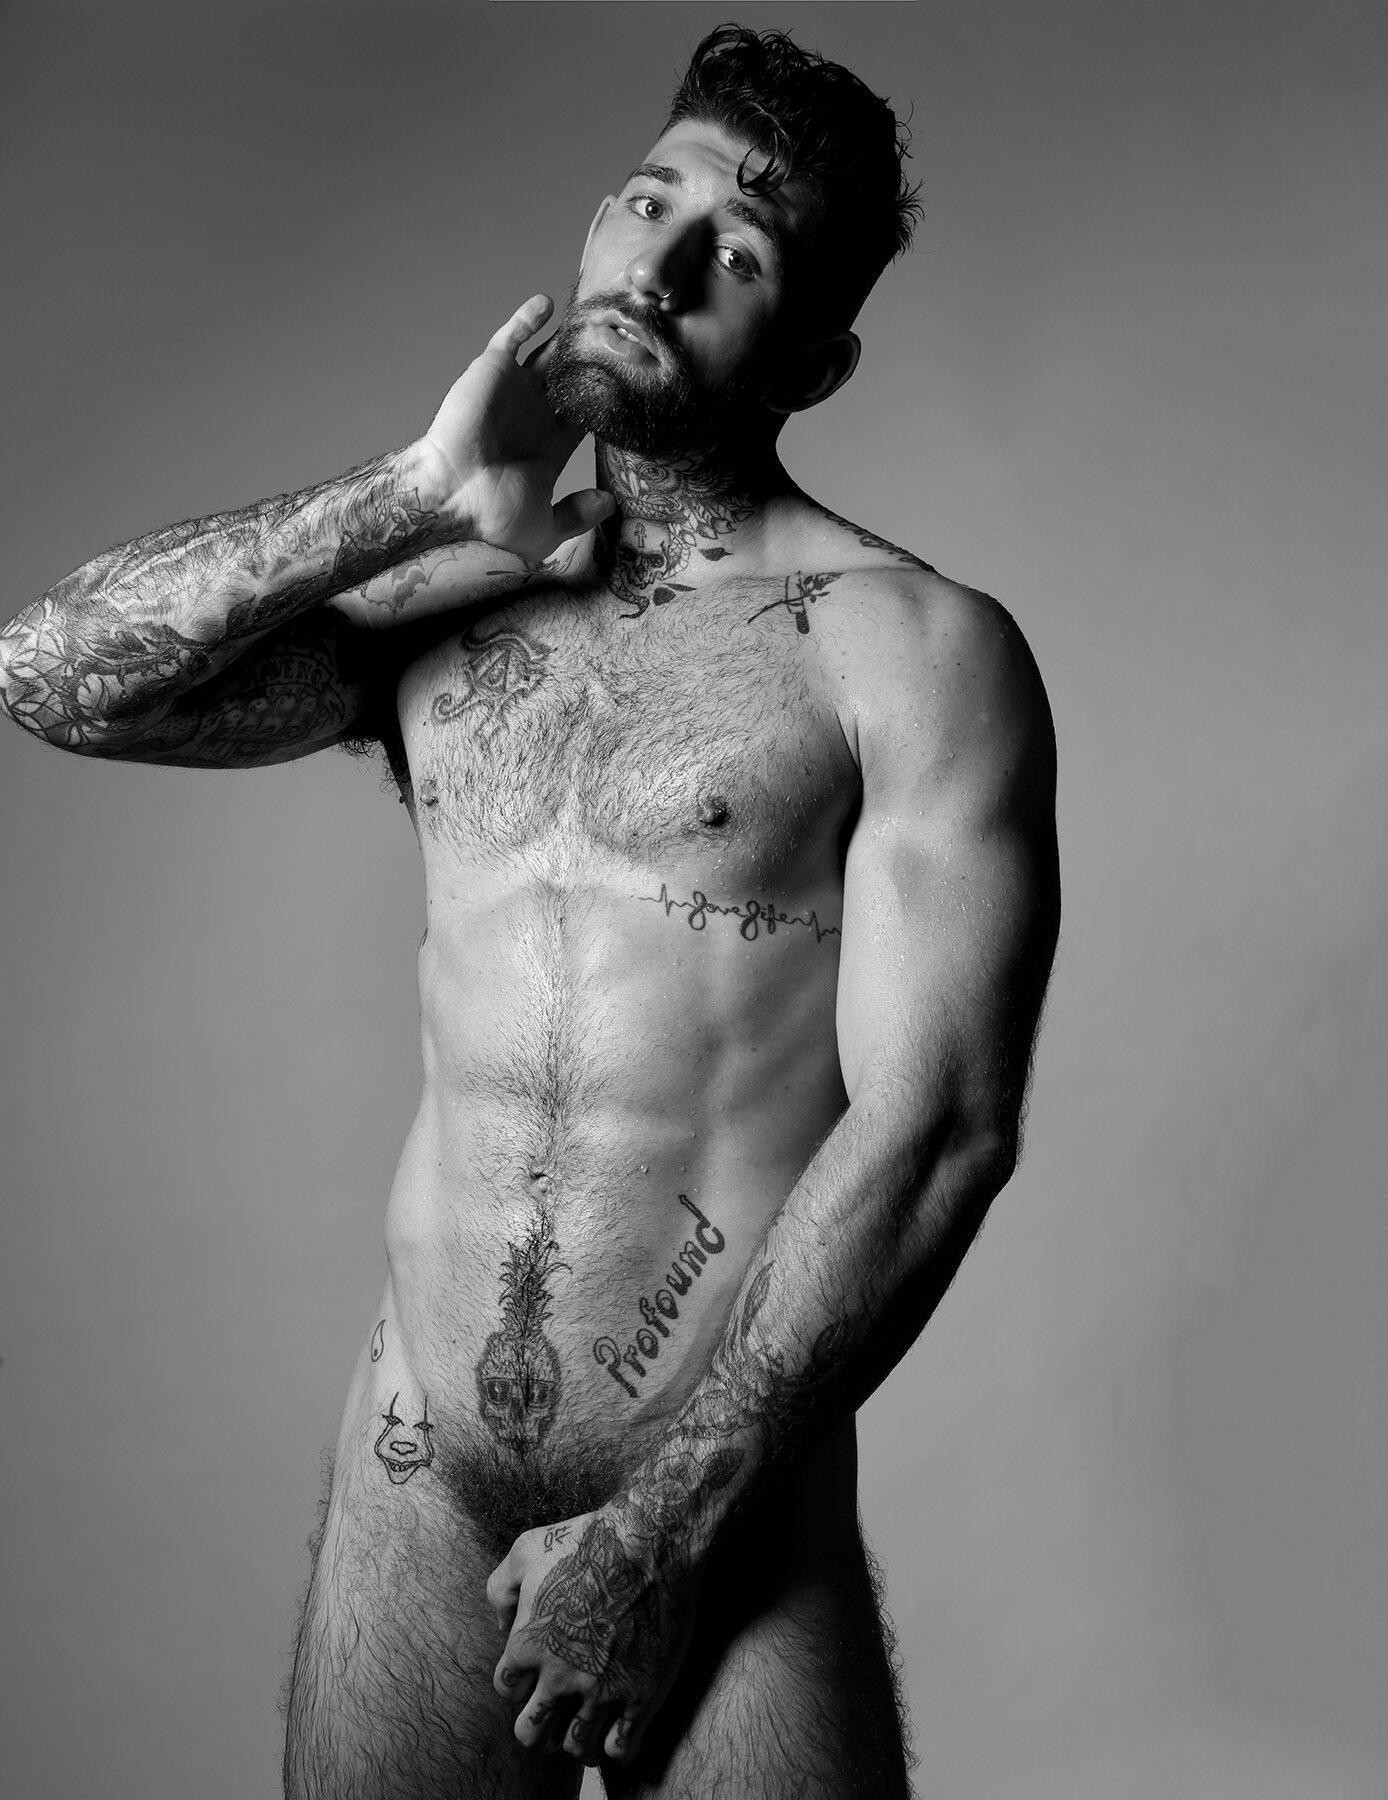 14 - 美国纽约肌肉男Liam Bergan / Marco Ovando摄影作品